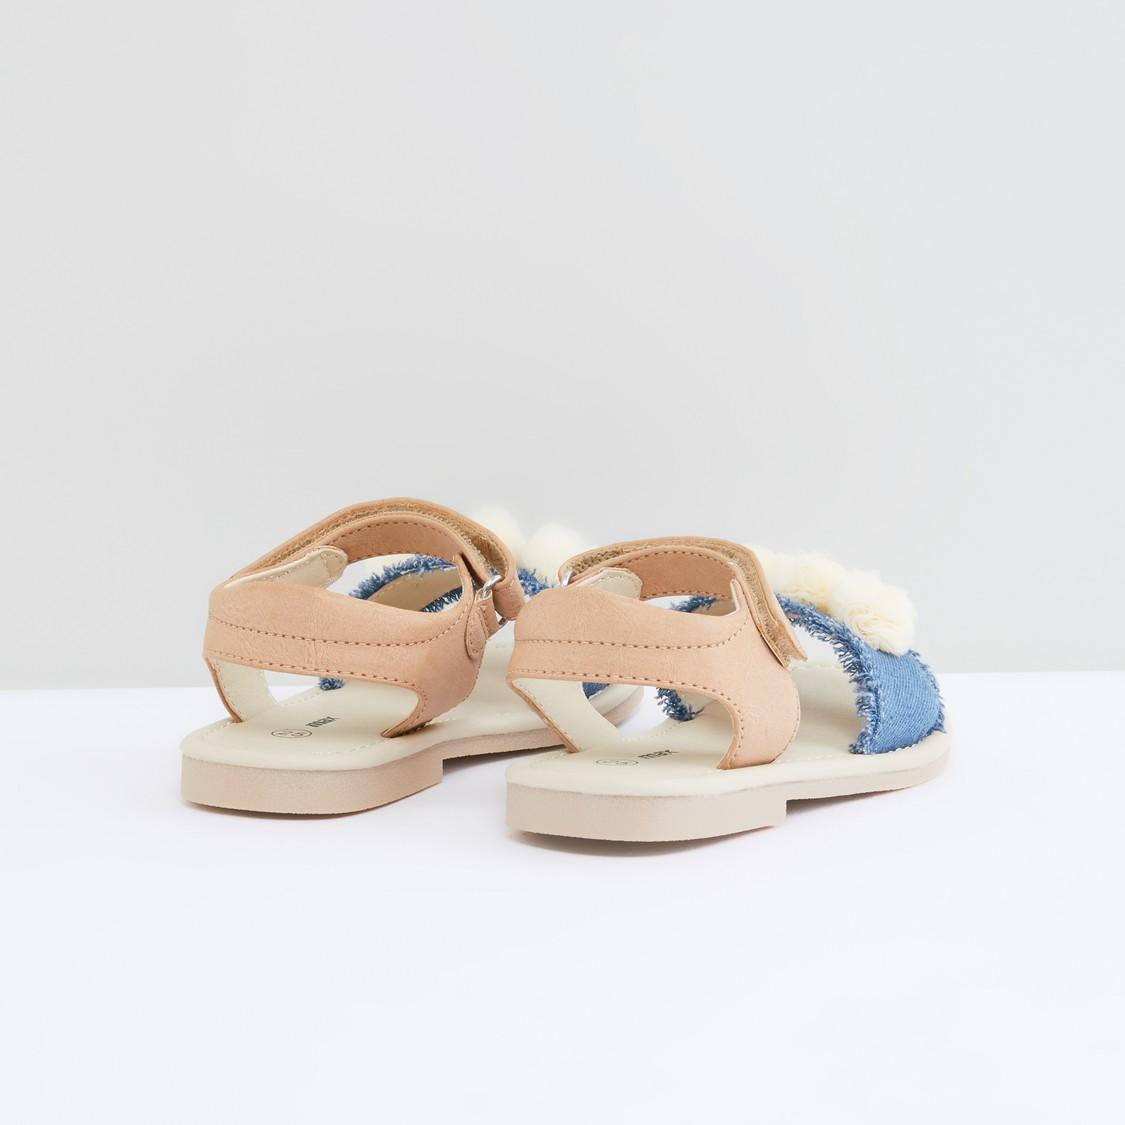 Pom-Pom Applique Detail Sandals